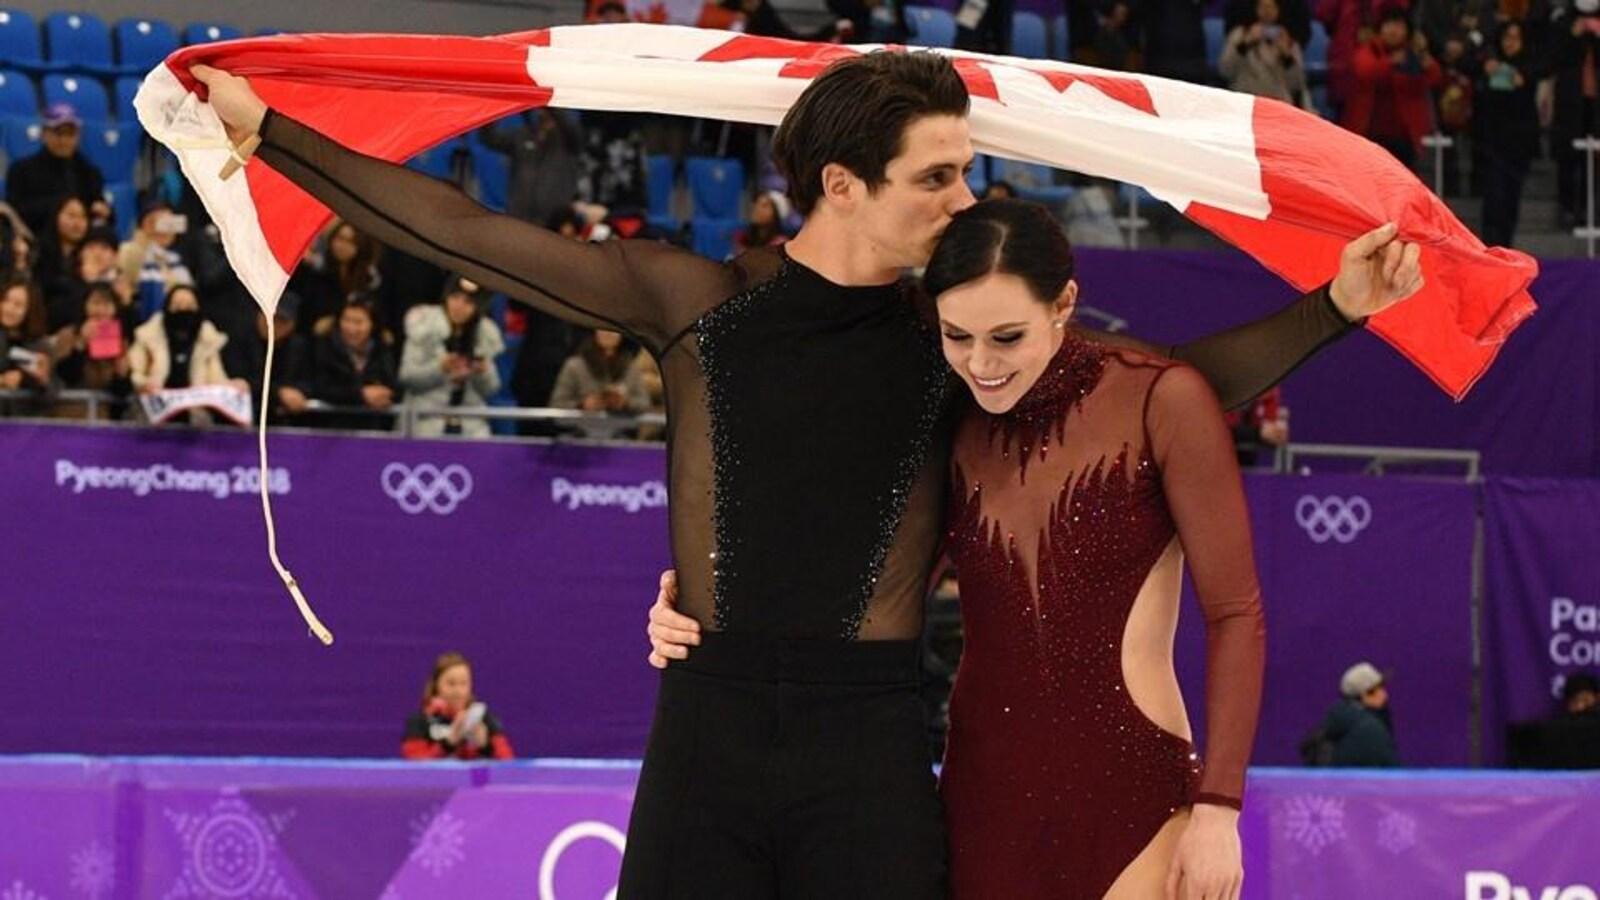 Scott Moir donne un baiser sur la tête de Tessa Virtue après leur victoire en danse aux Jeux olympiques de 2018, en Corée du Sud.